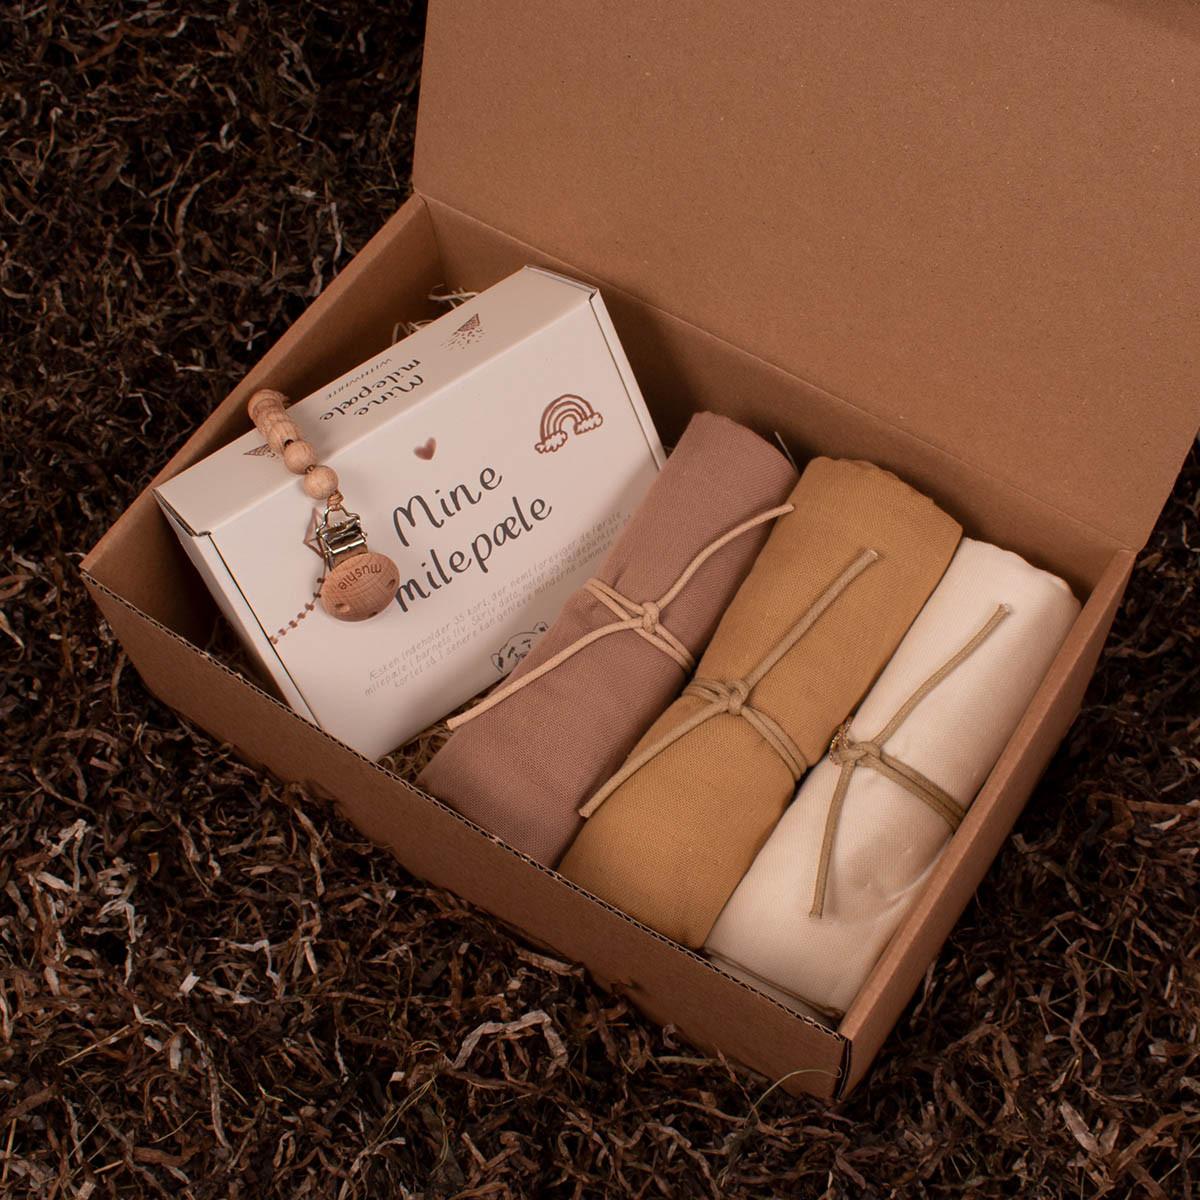 Milepælskort, 3 stofbleer og en suttesnor - Barsel- og dåbsgave   Eksklusiv gavesæt til baby og gravid mor